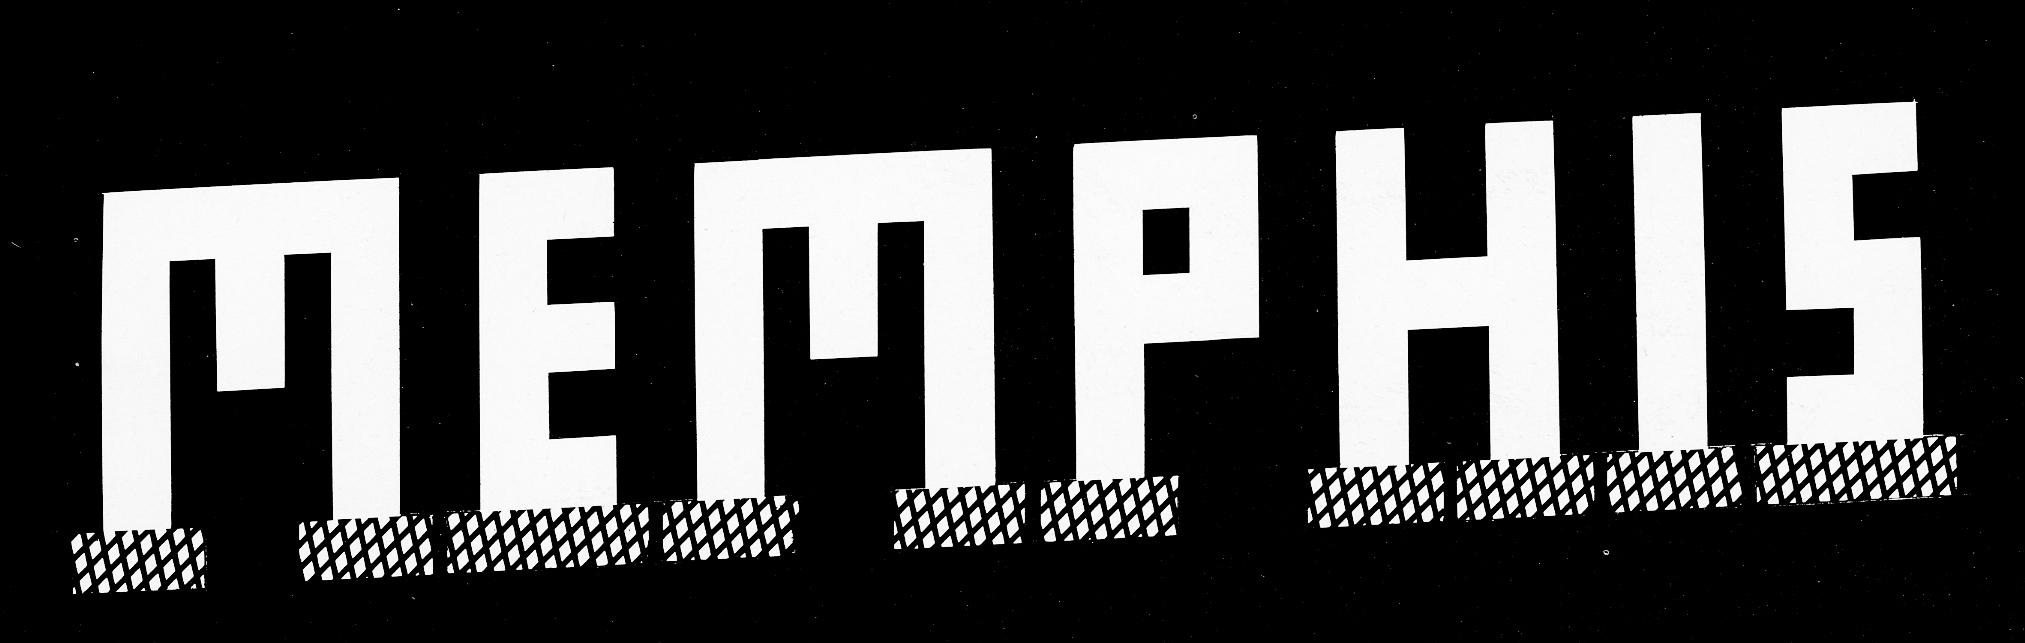 Memphis 1983.jpg